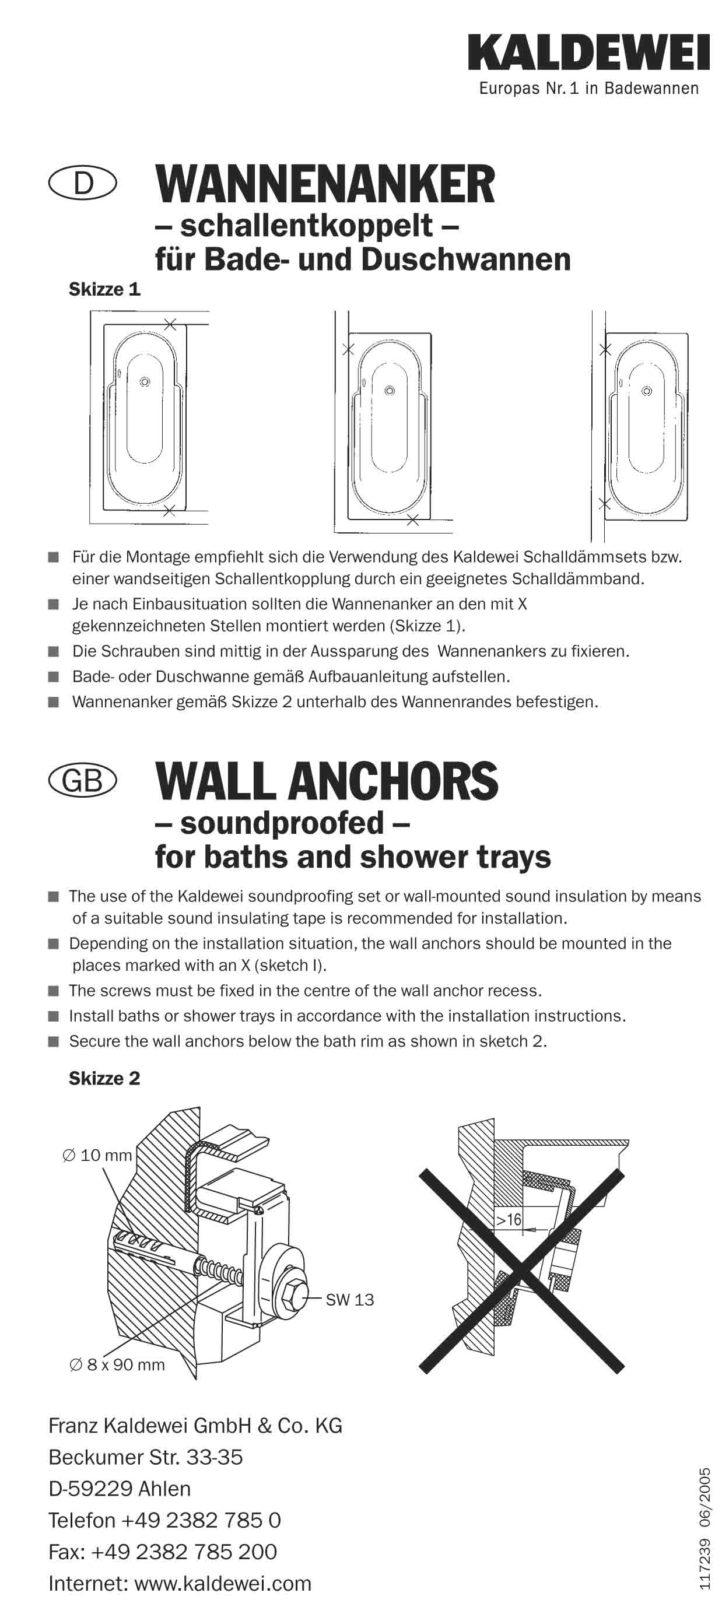 В дополнение. выдержка из инструкция по установки анкеров Kaldewei, от производителя: